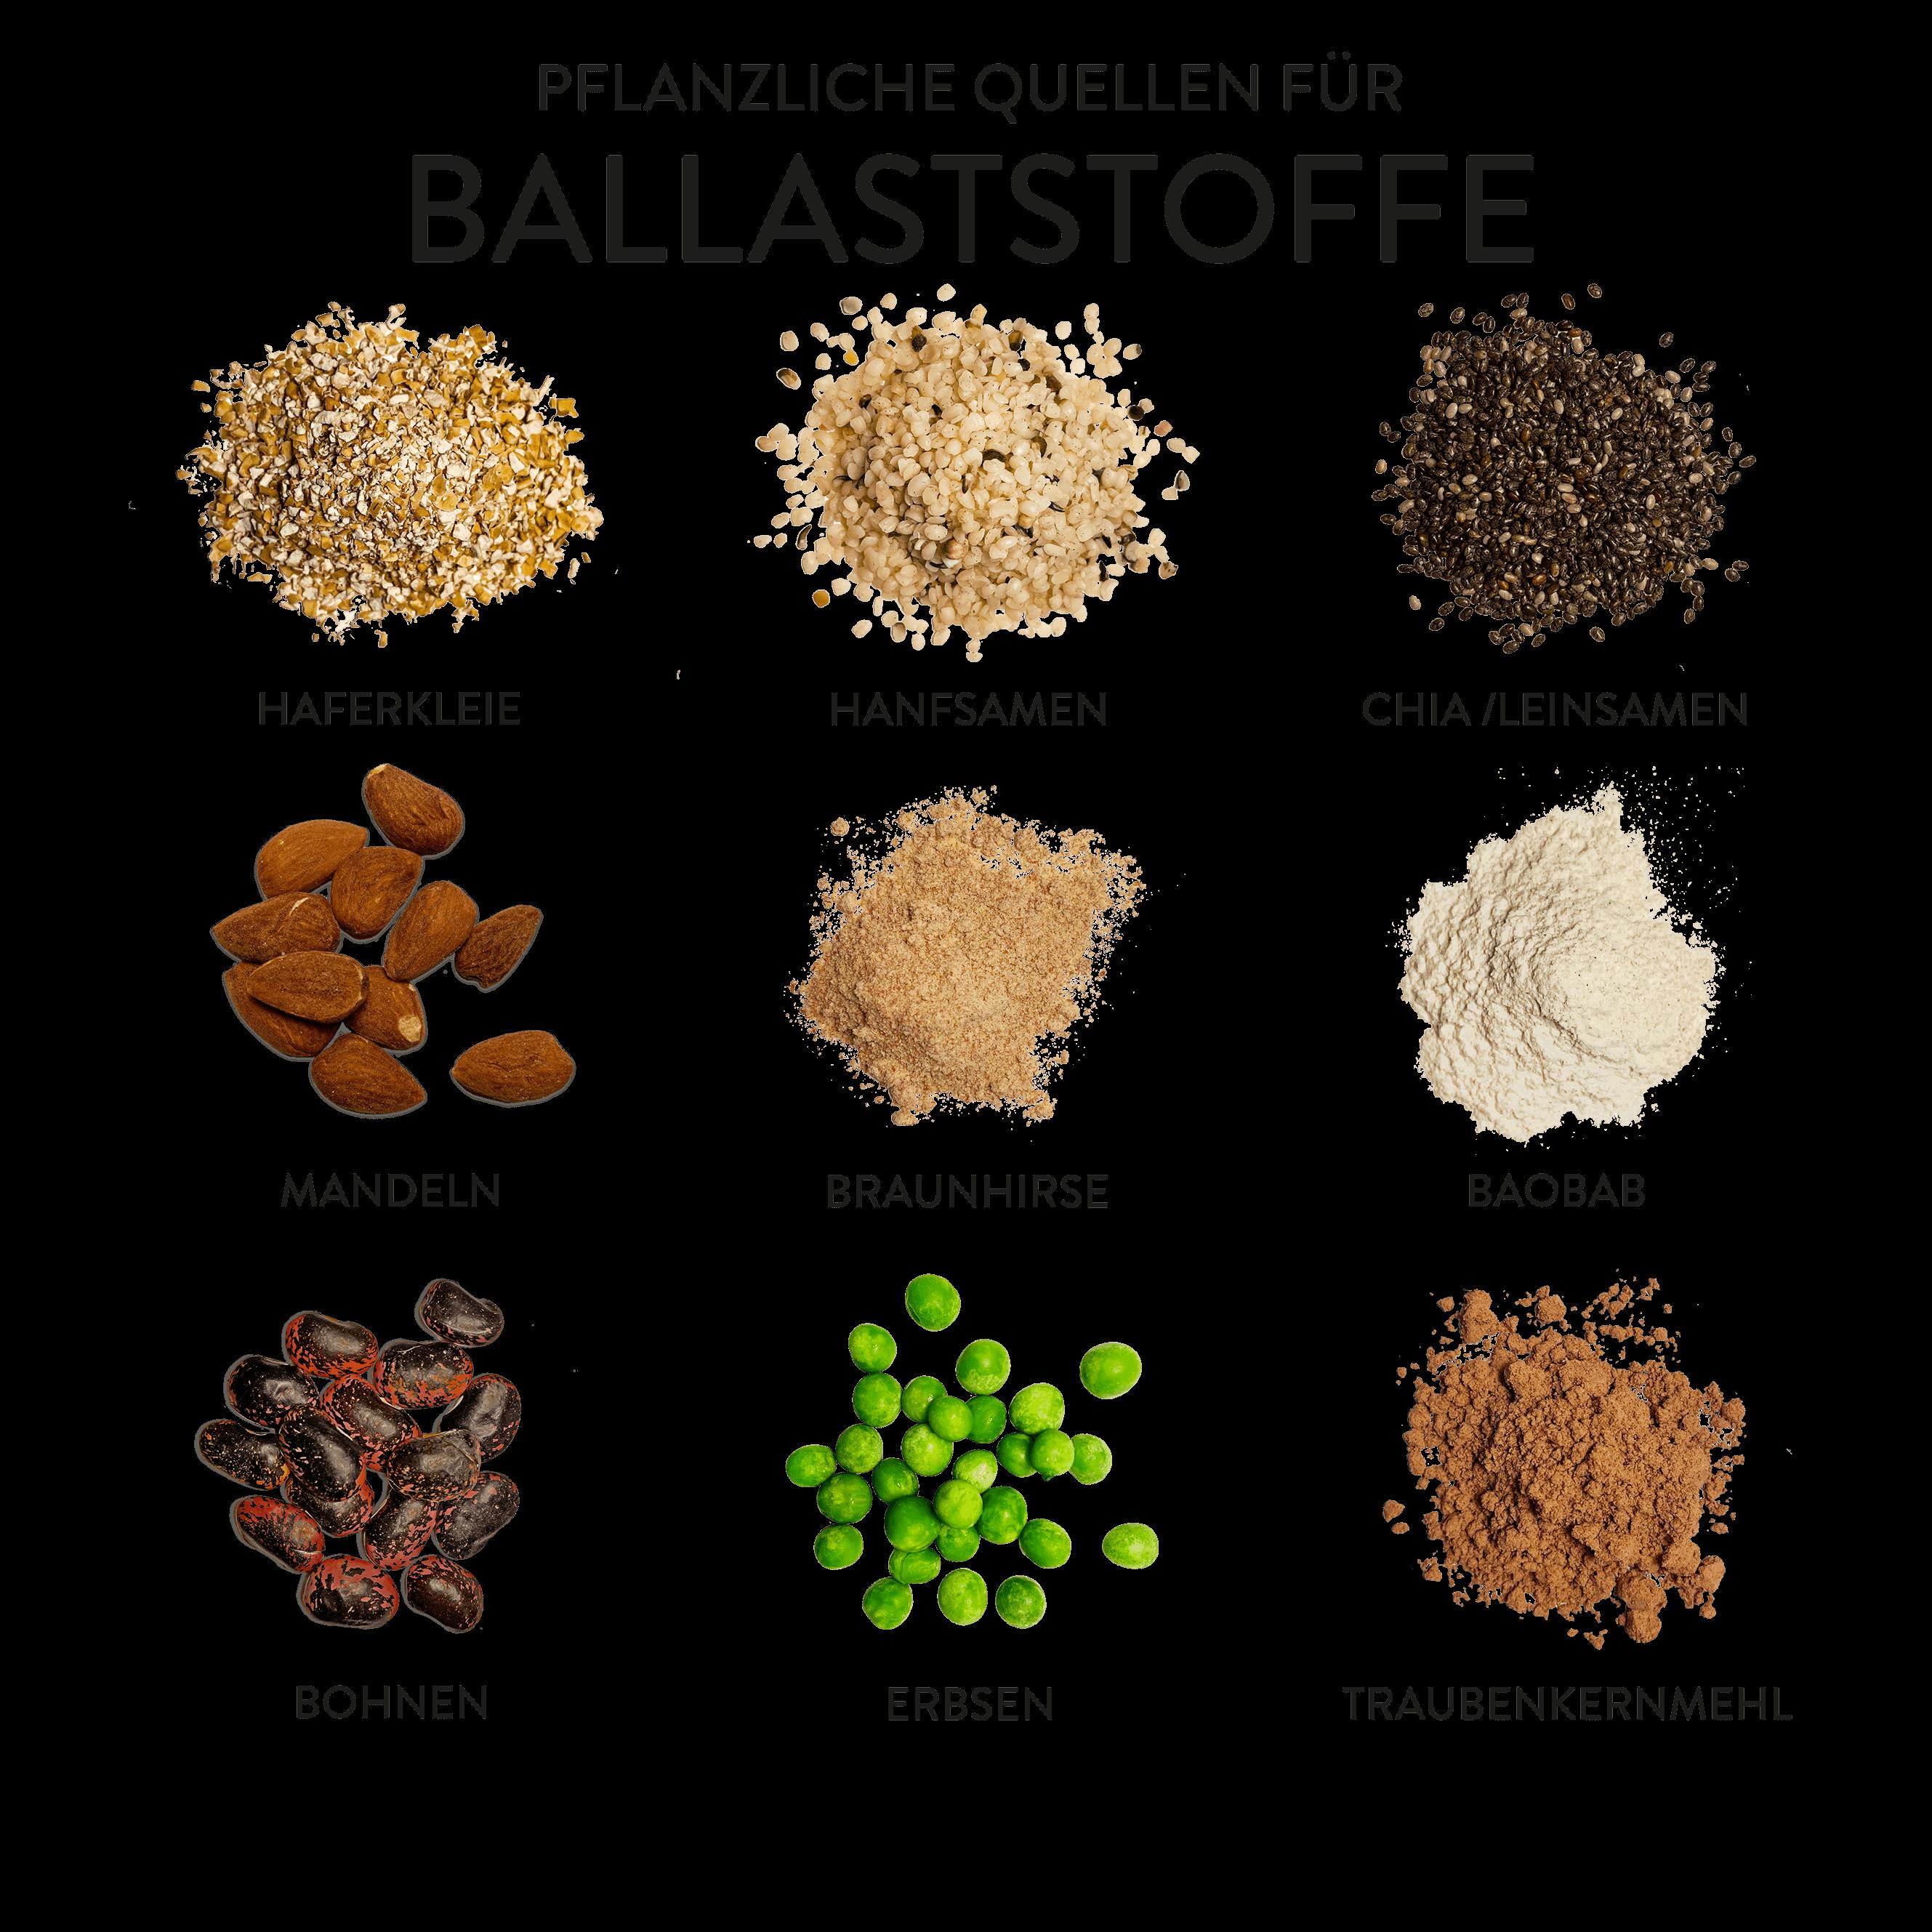 Lebensmittel mit Ballaststoffen